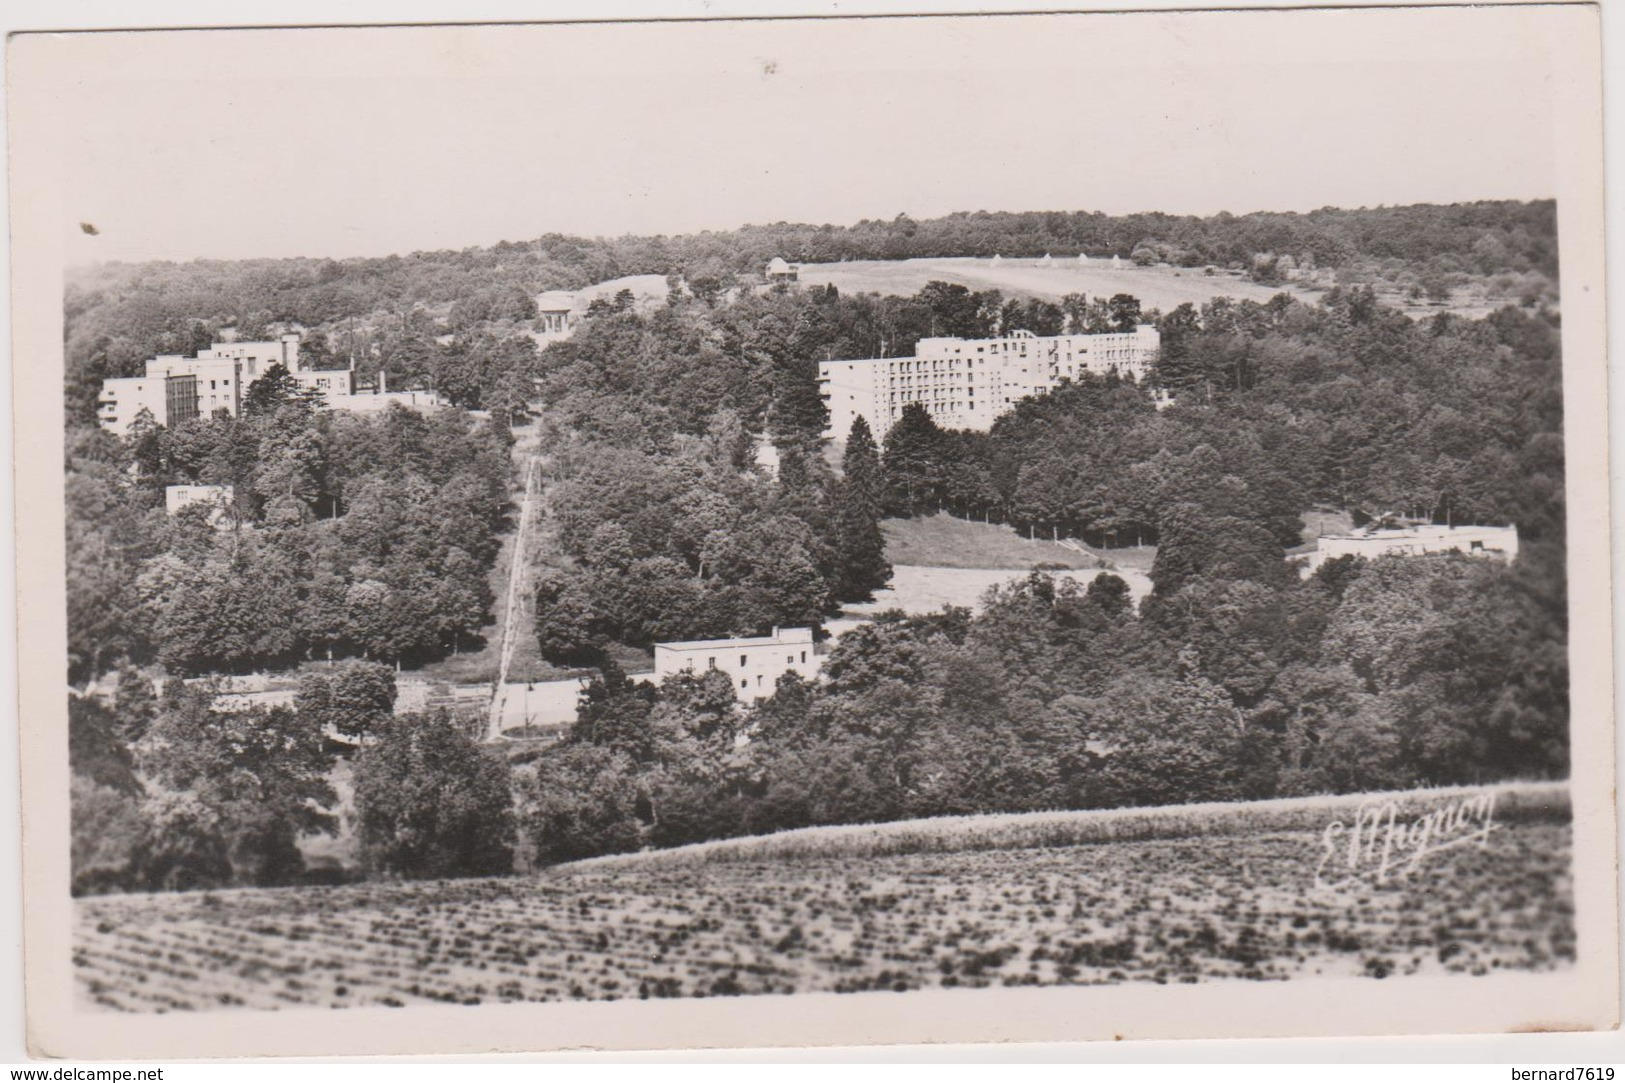 02  Villiers Sur Marne  Les Pavillons Du Sanitarium  Calmette - Other Municipalities